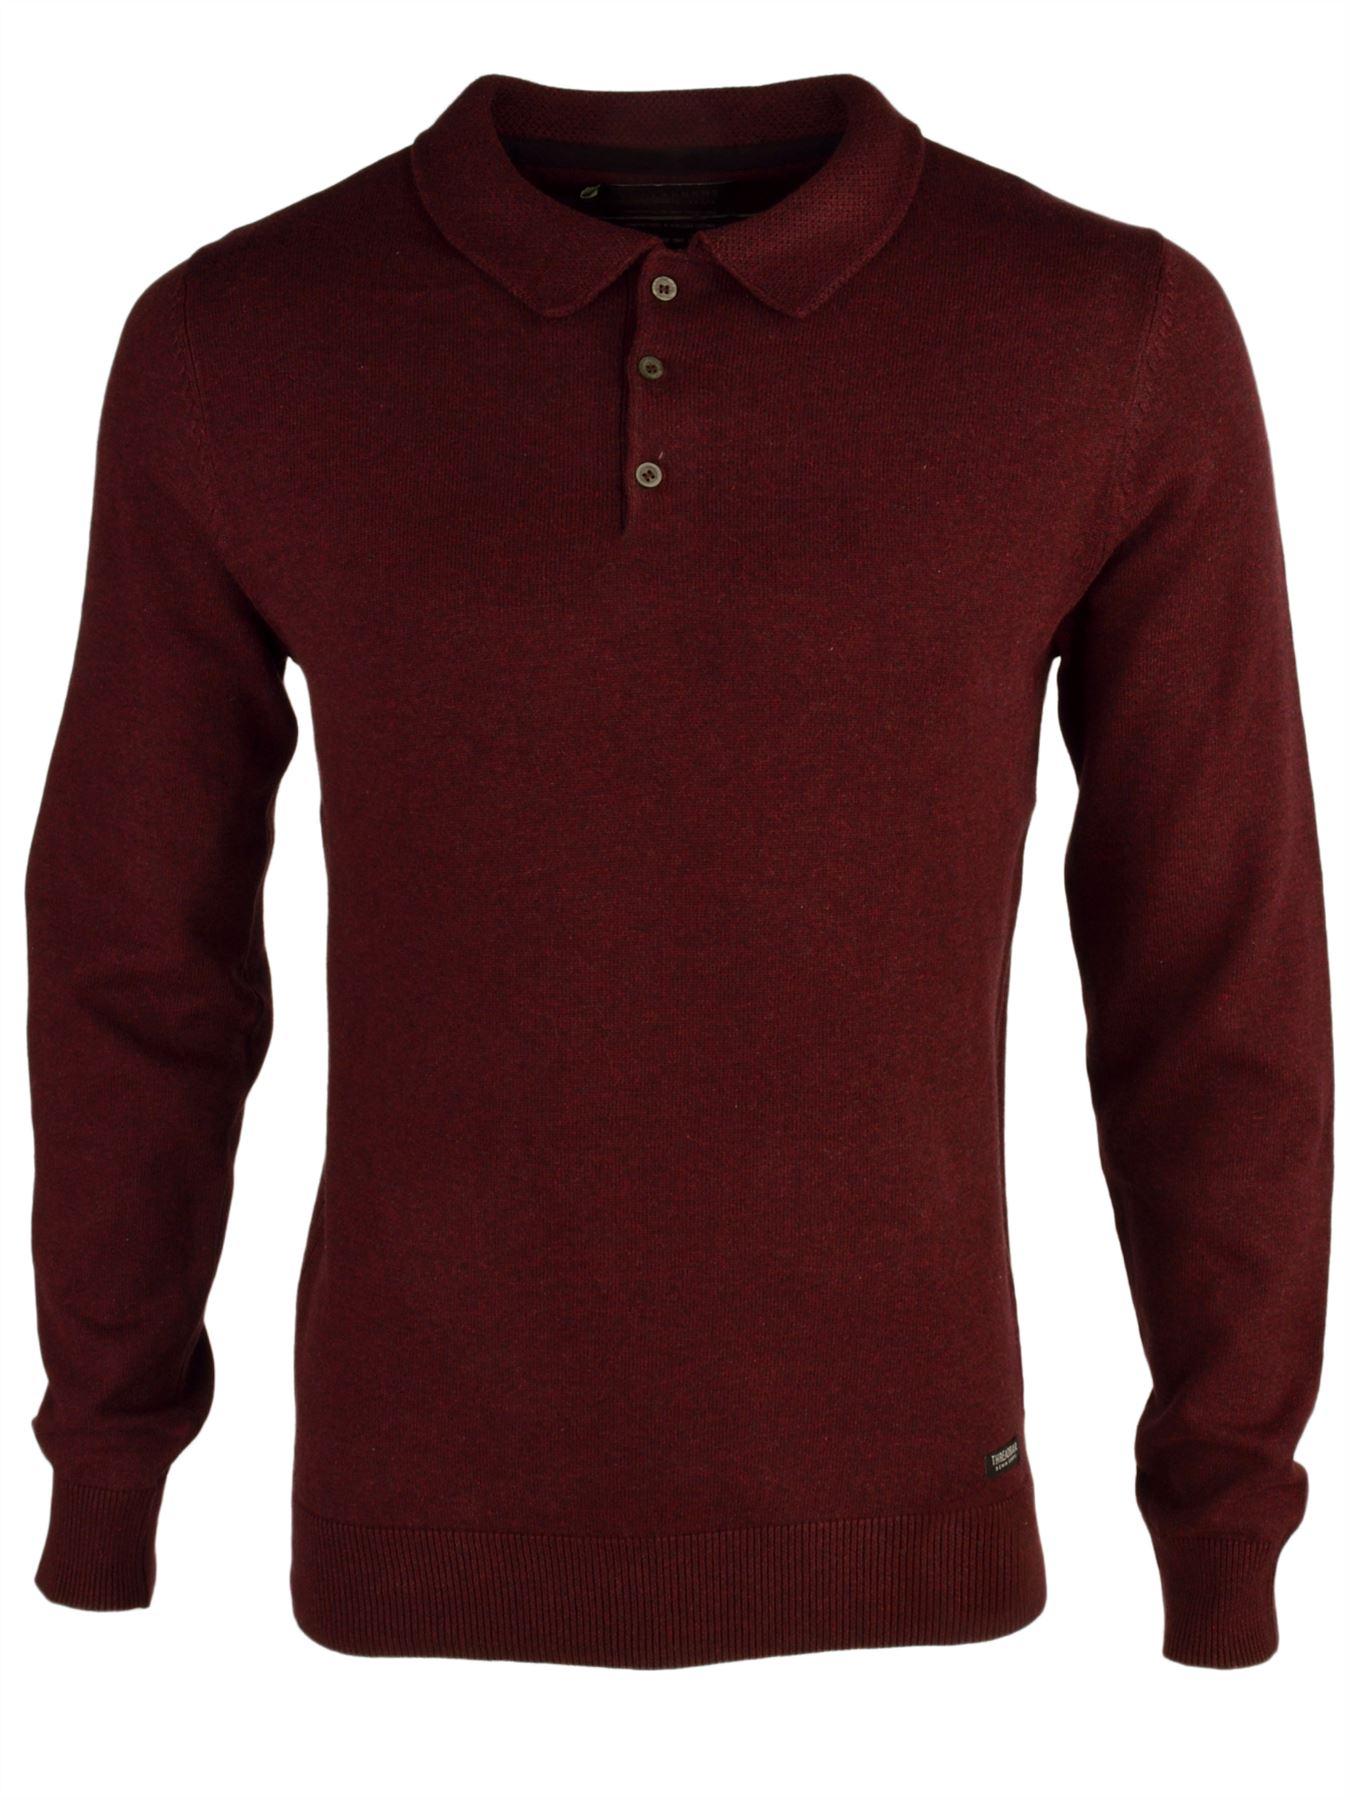 Threadbare 39 harlin 39 men 39 s lightweight knitted long sleeve for Men s lightweight long sleeve polo shirts